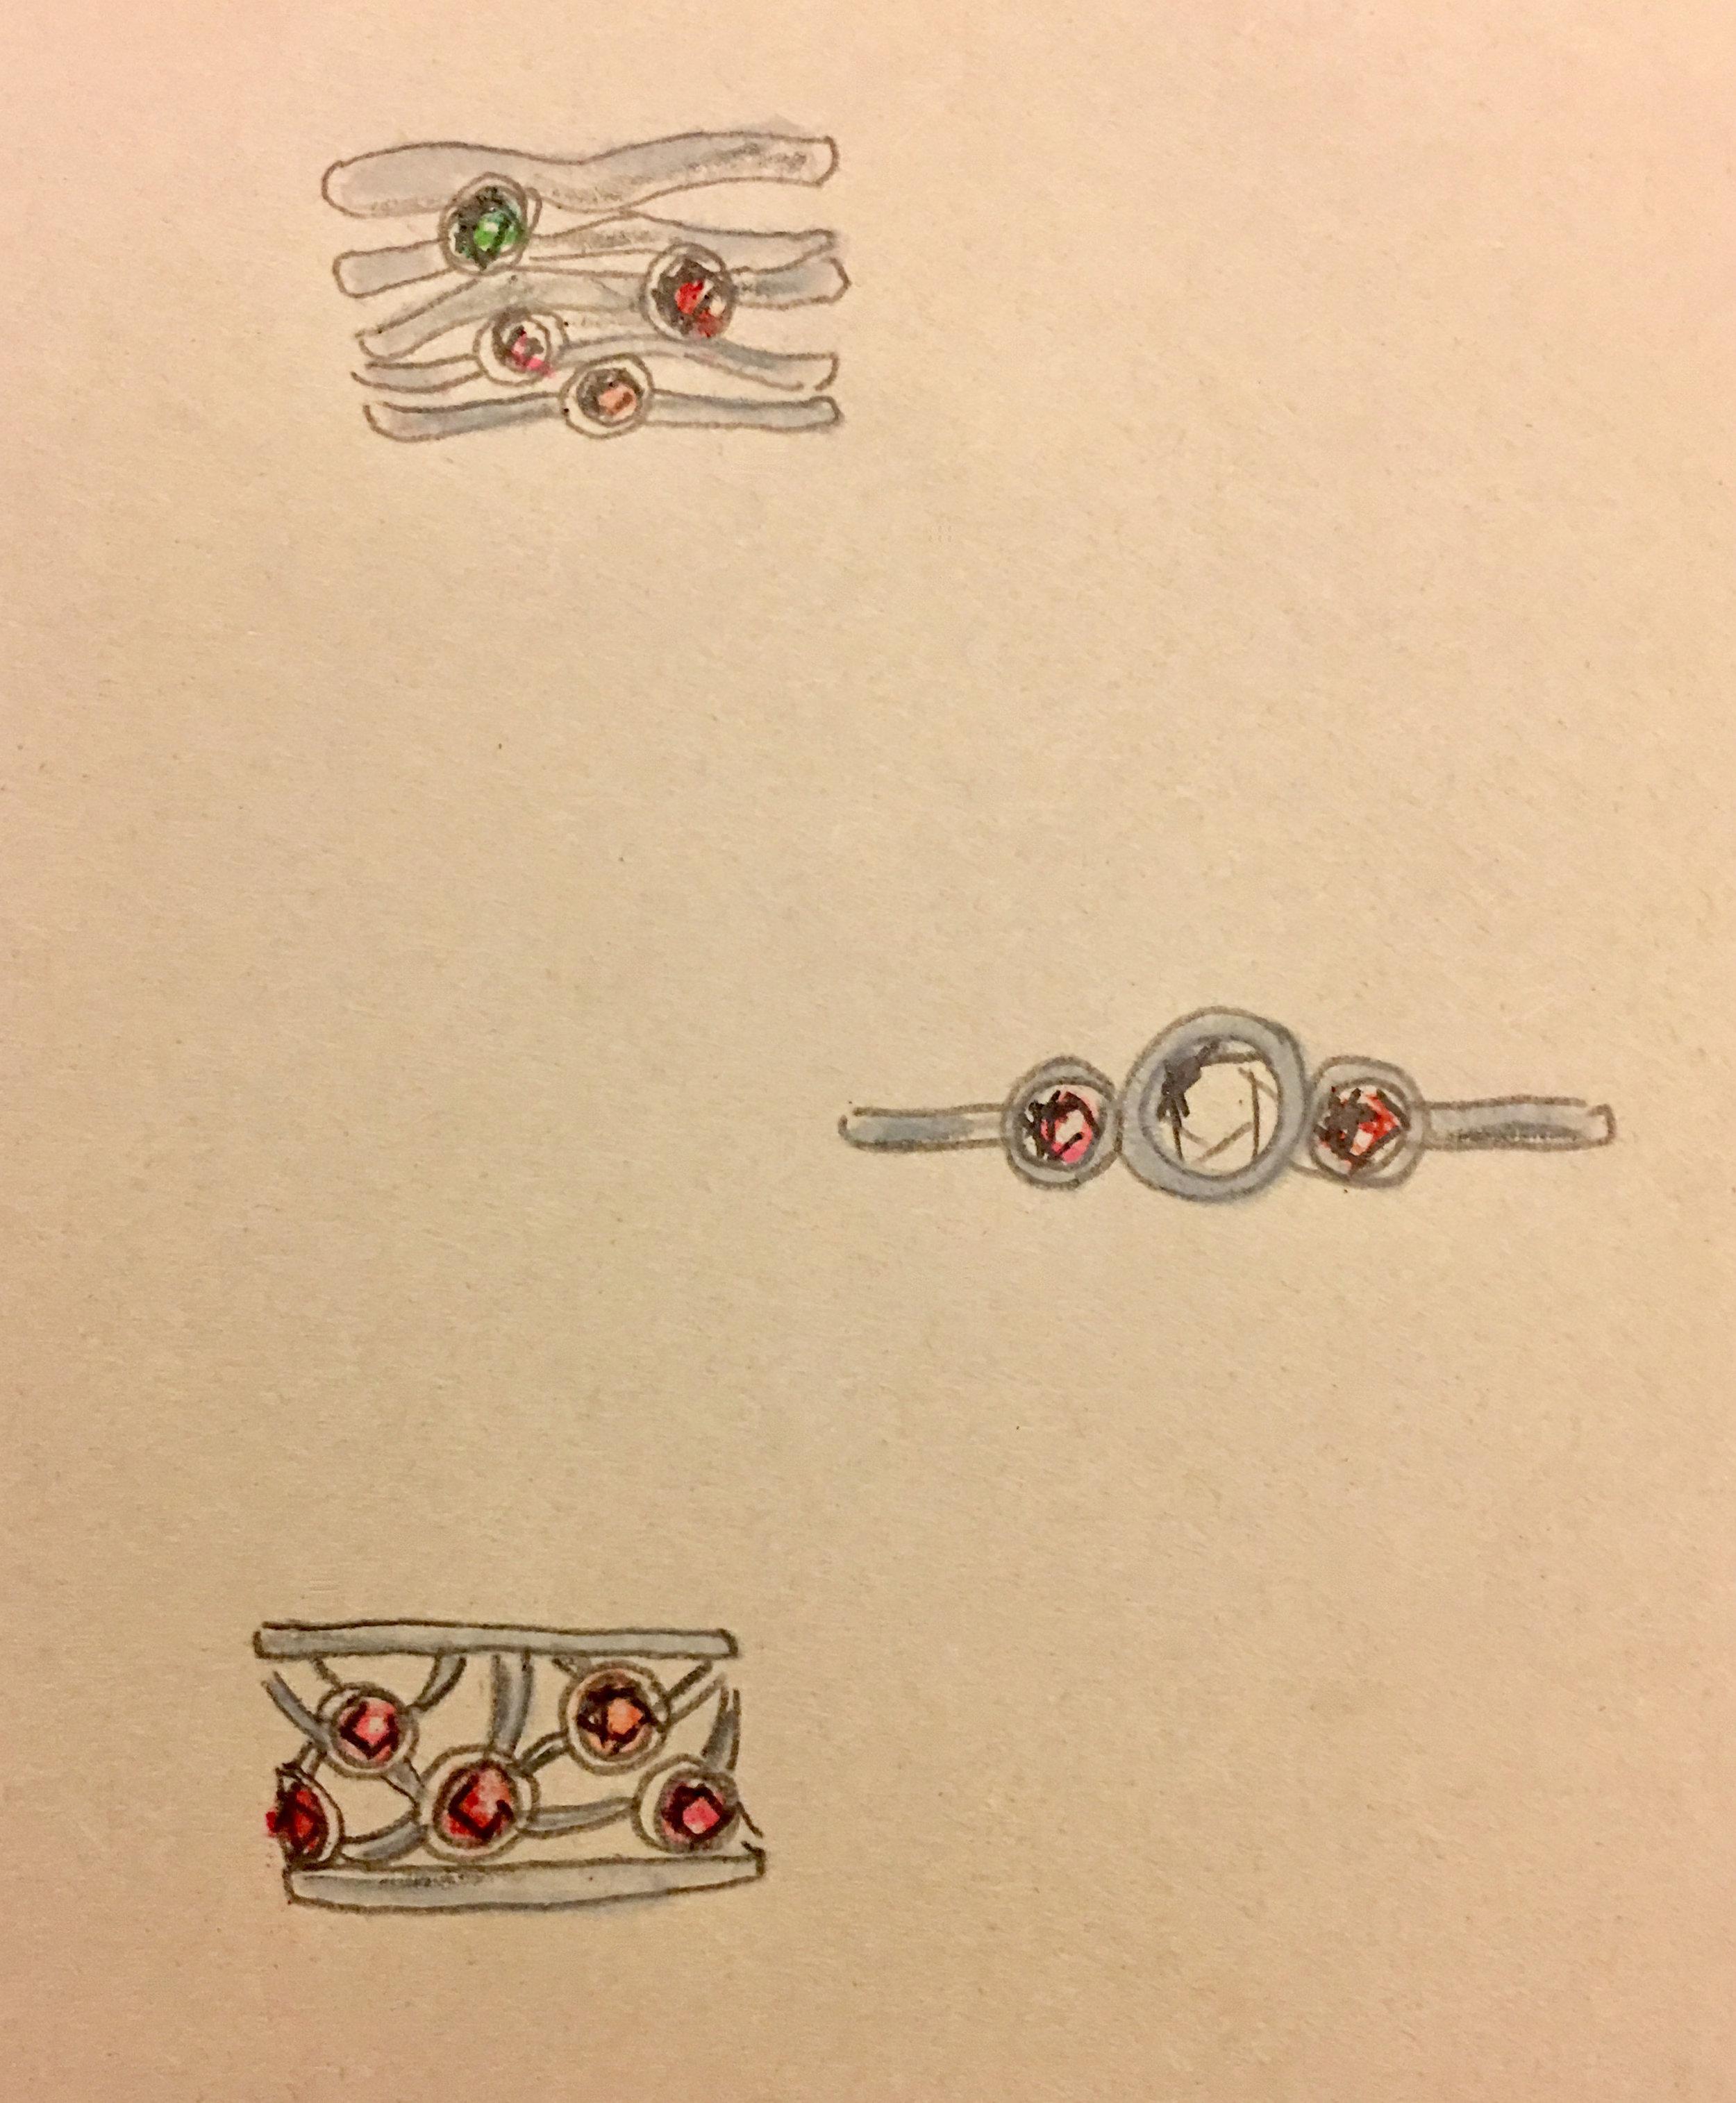 birthstone ring1.jpg